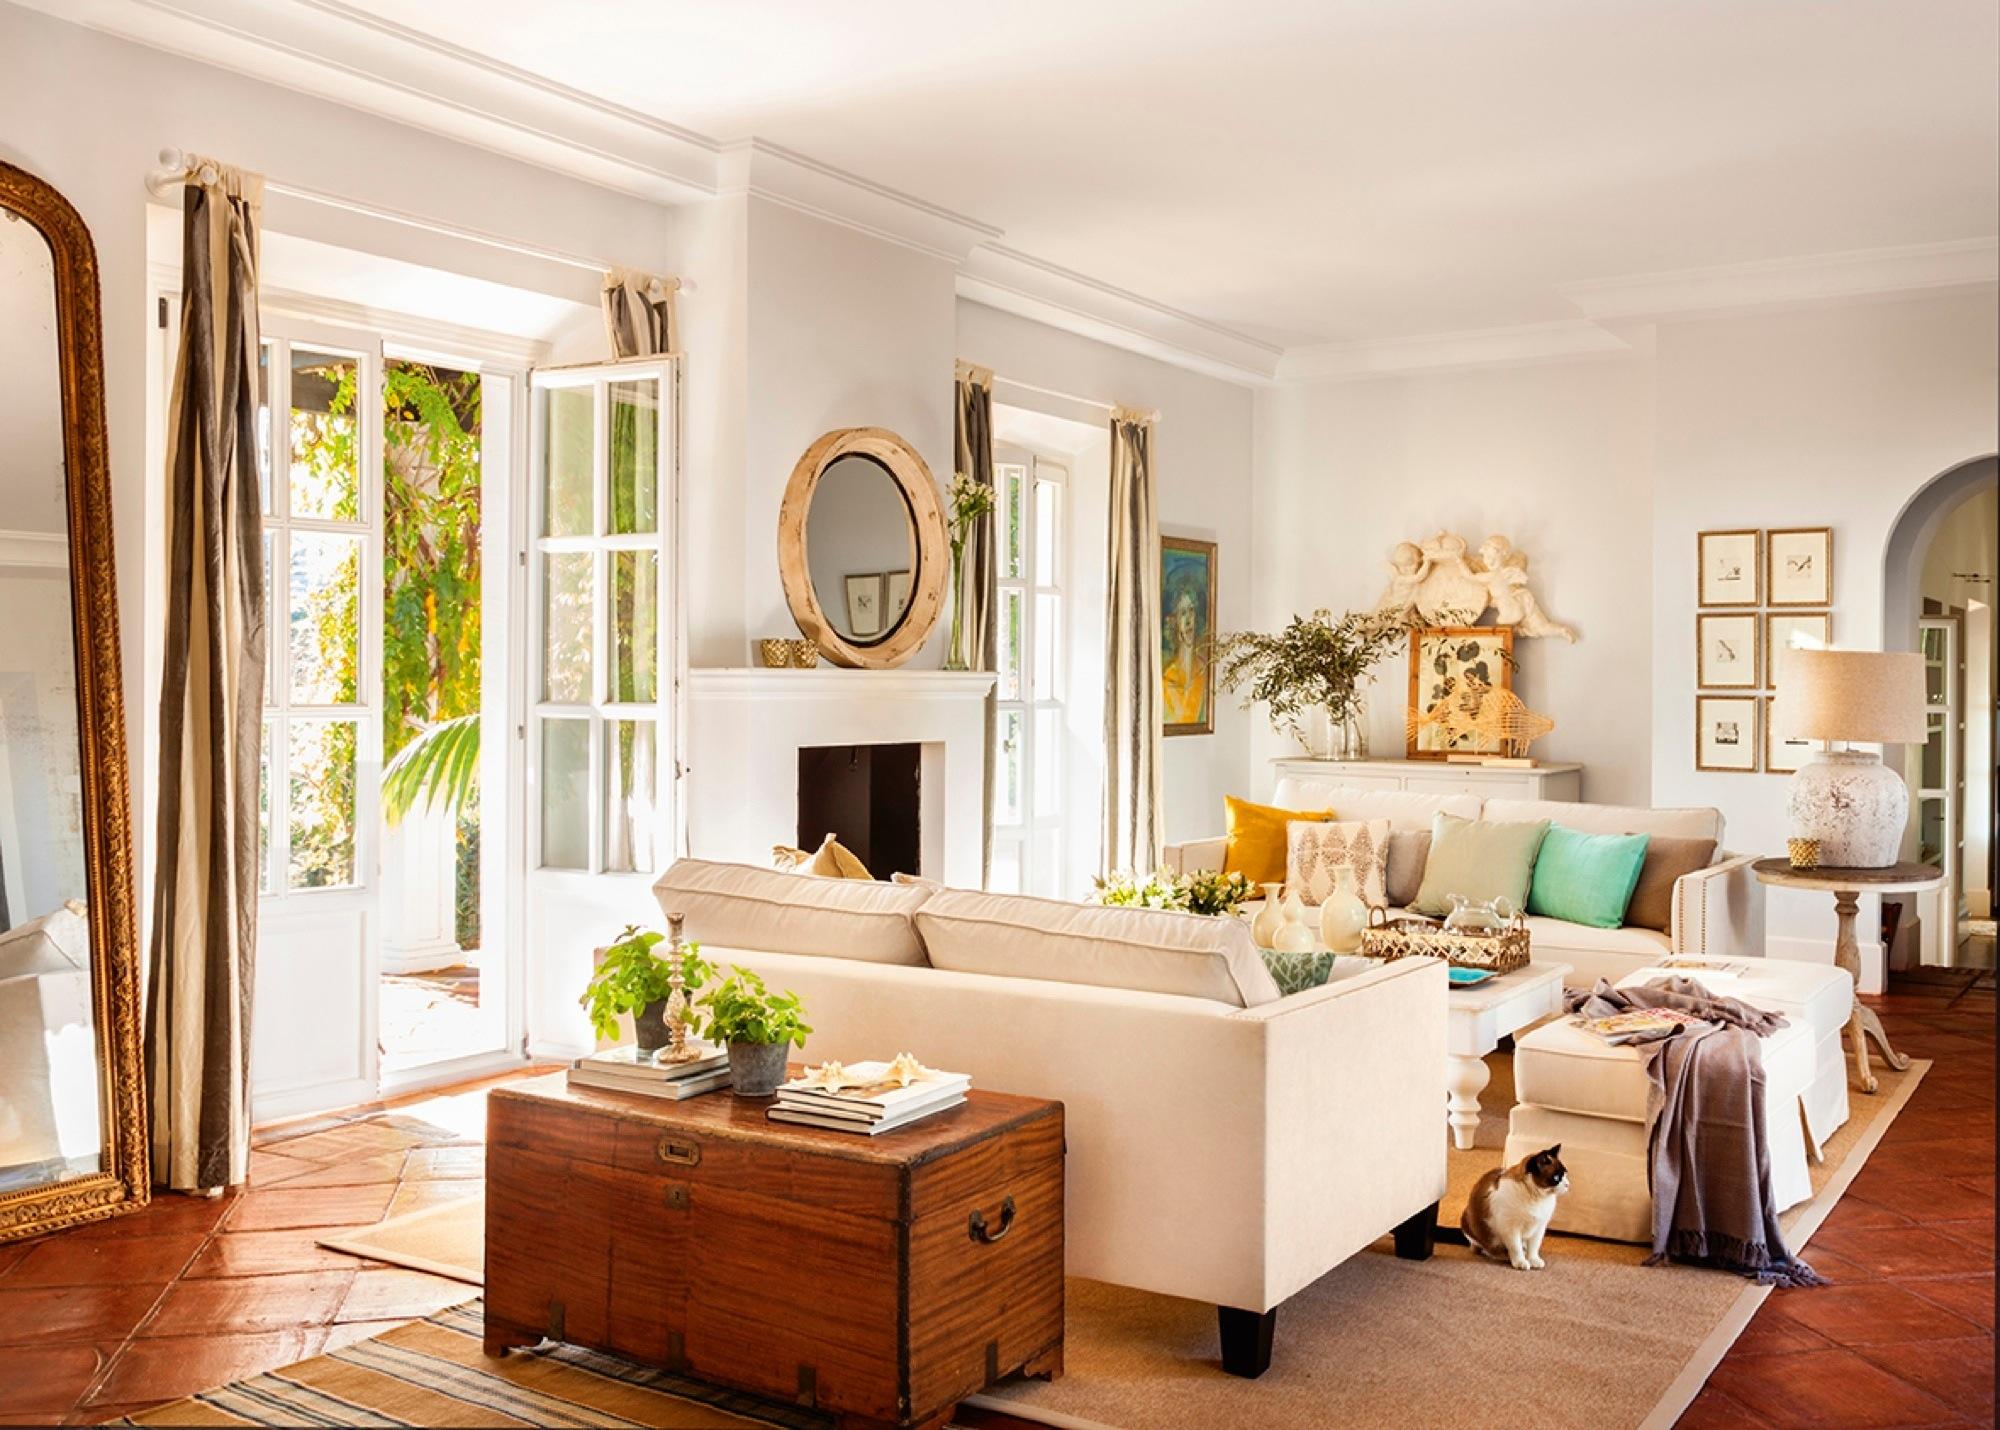 Un cortijo moderno en marbella - La silla de fernando ...